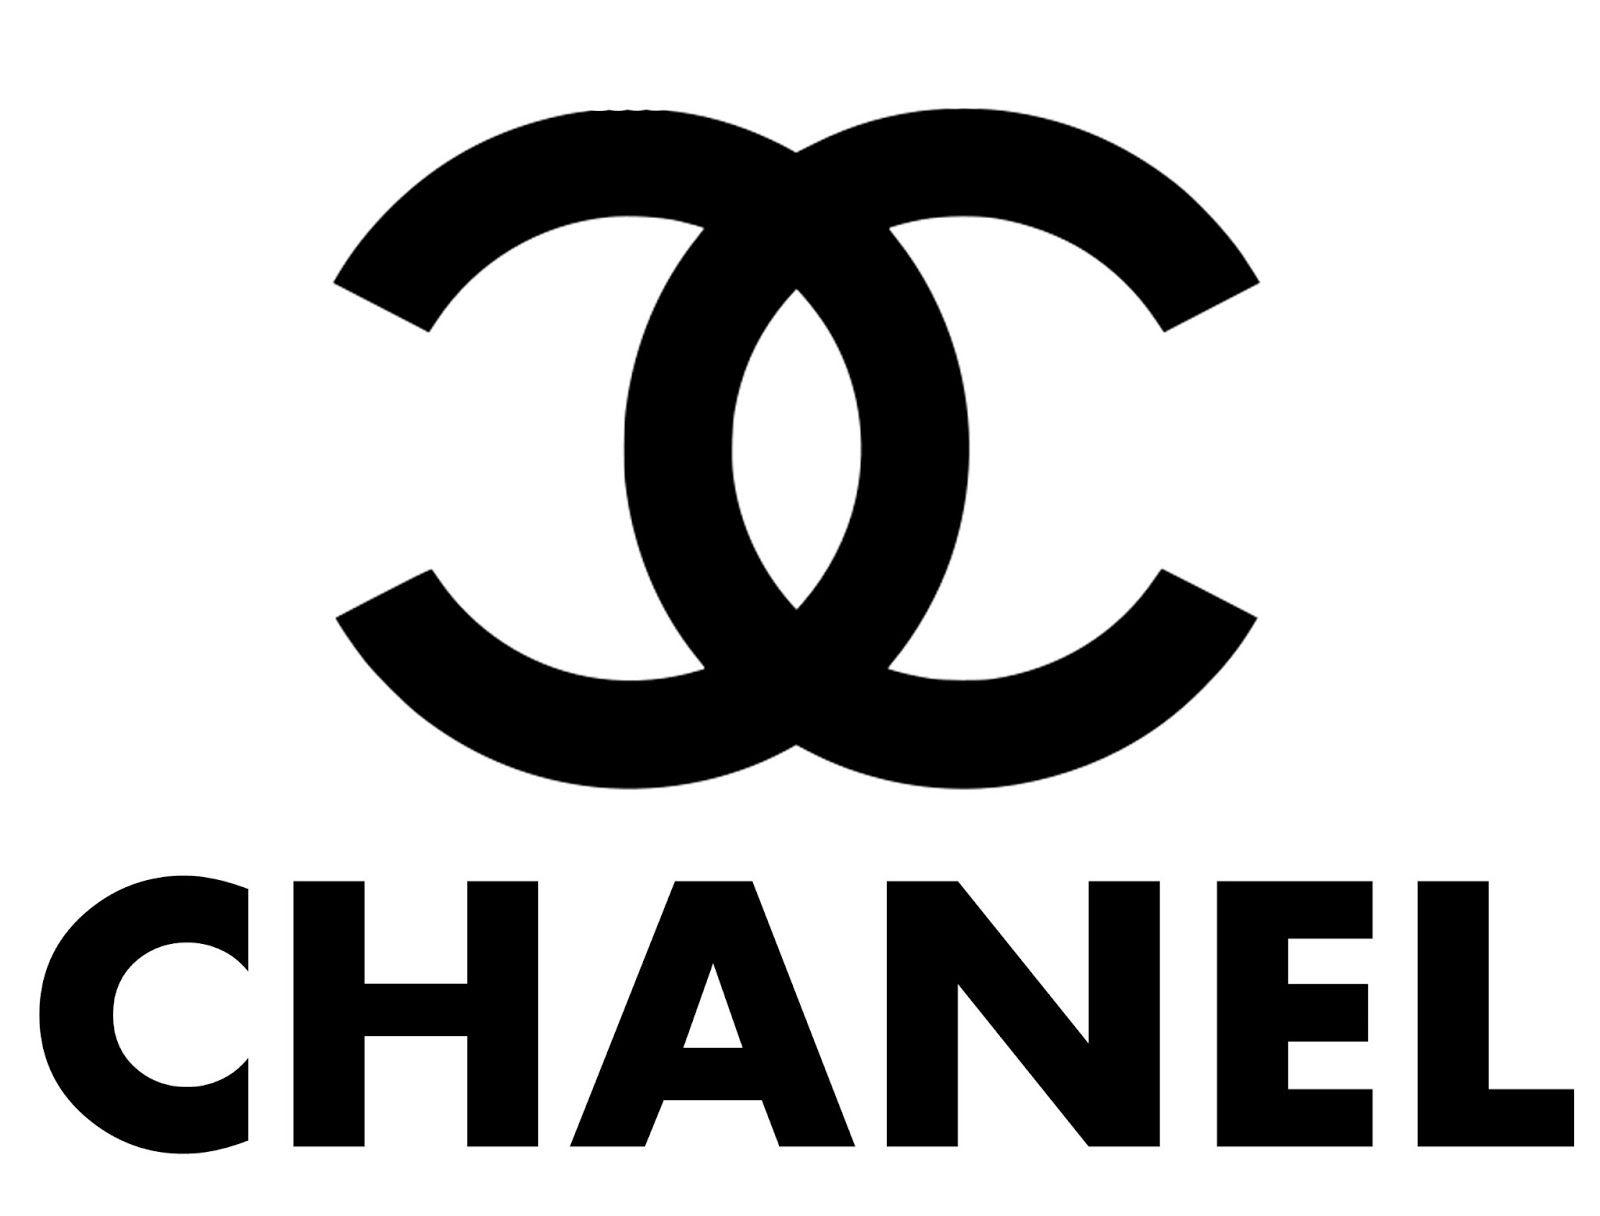 logo chanel png pesquisa google festa chanel pinterest catwalk makeup chanel logo and logos. Black Bedroom Furniture Sets. Home Design Ideas